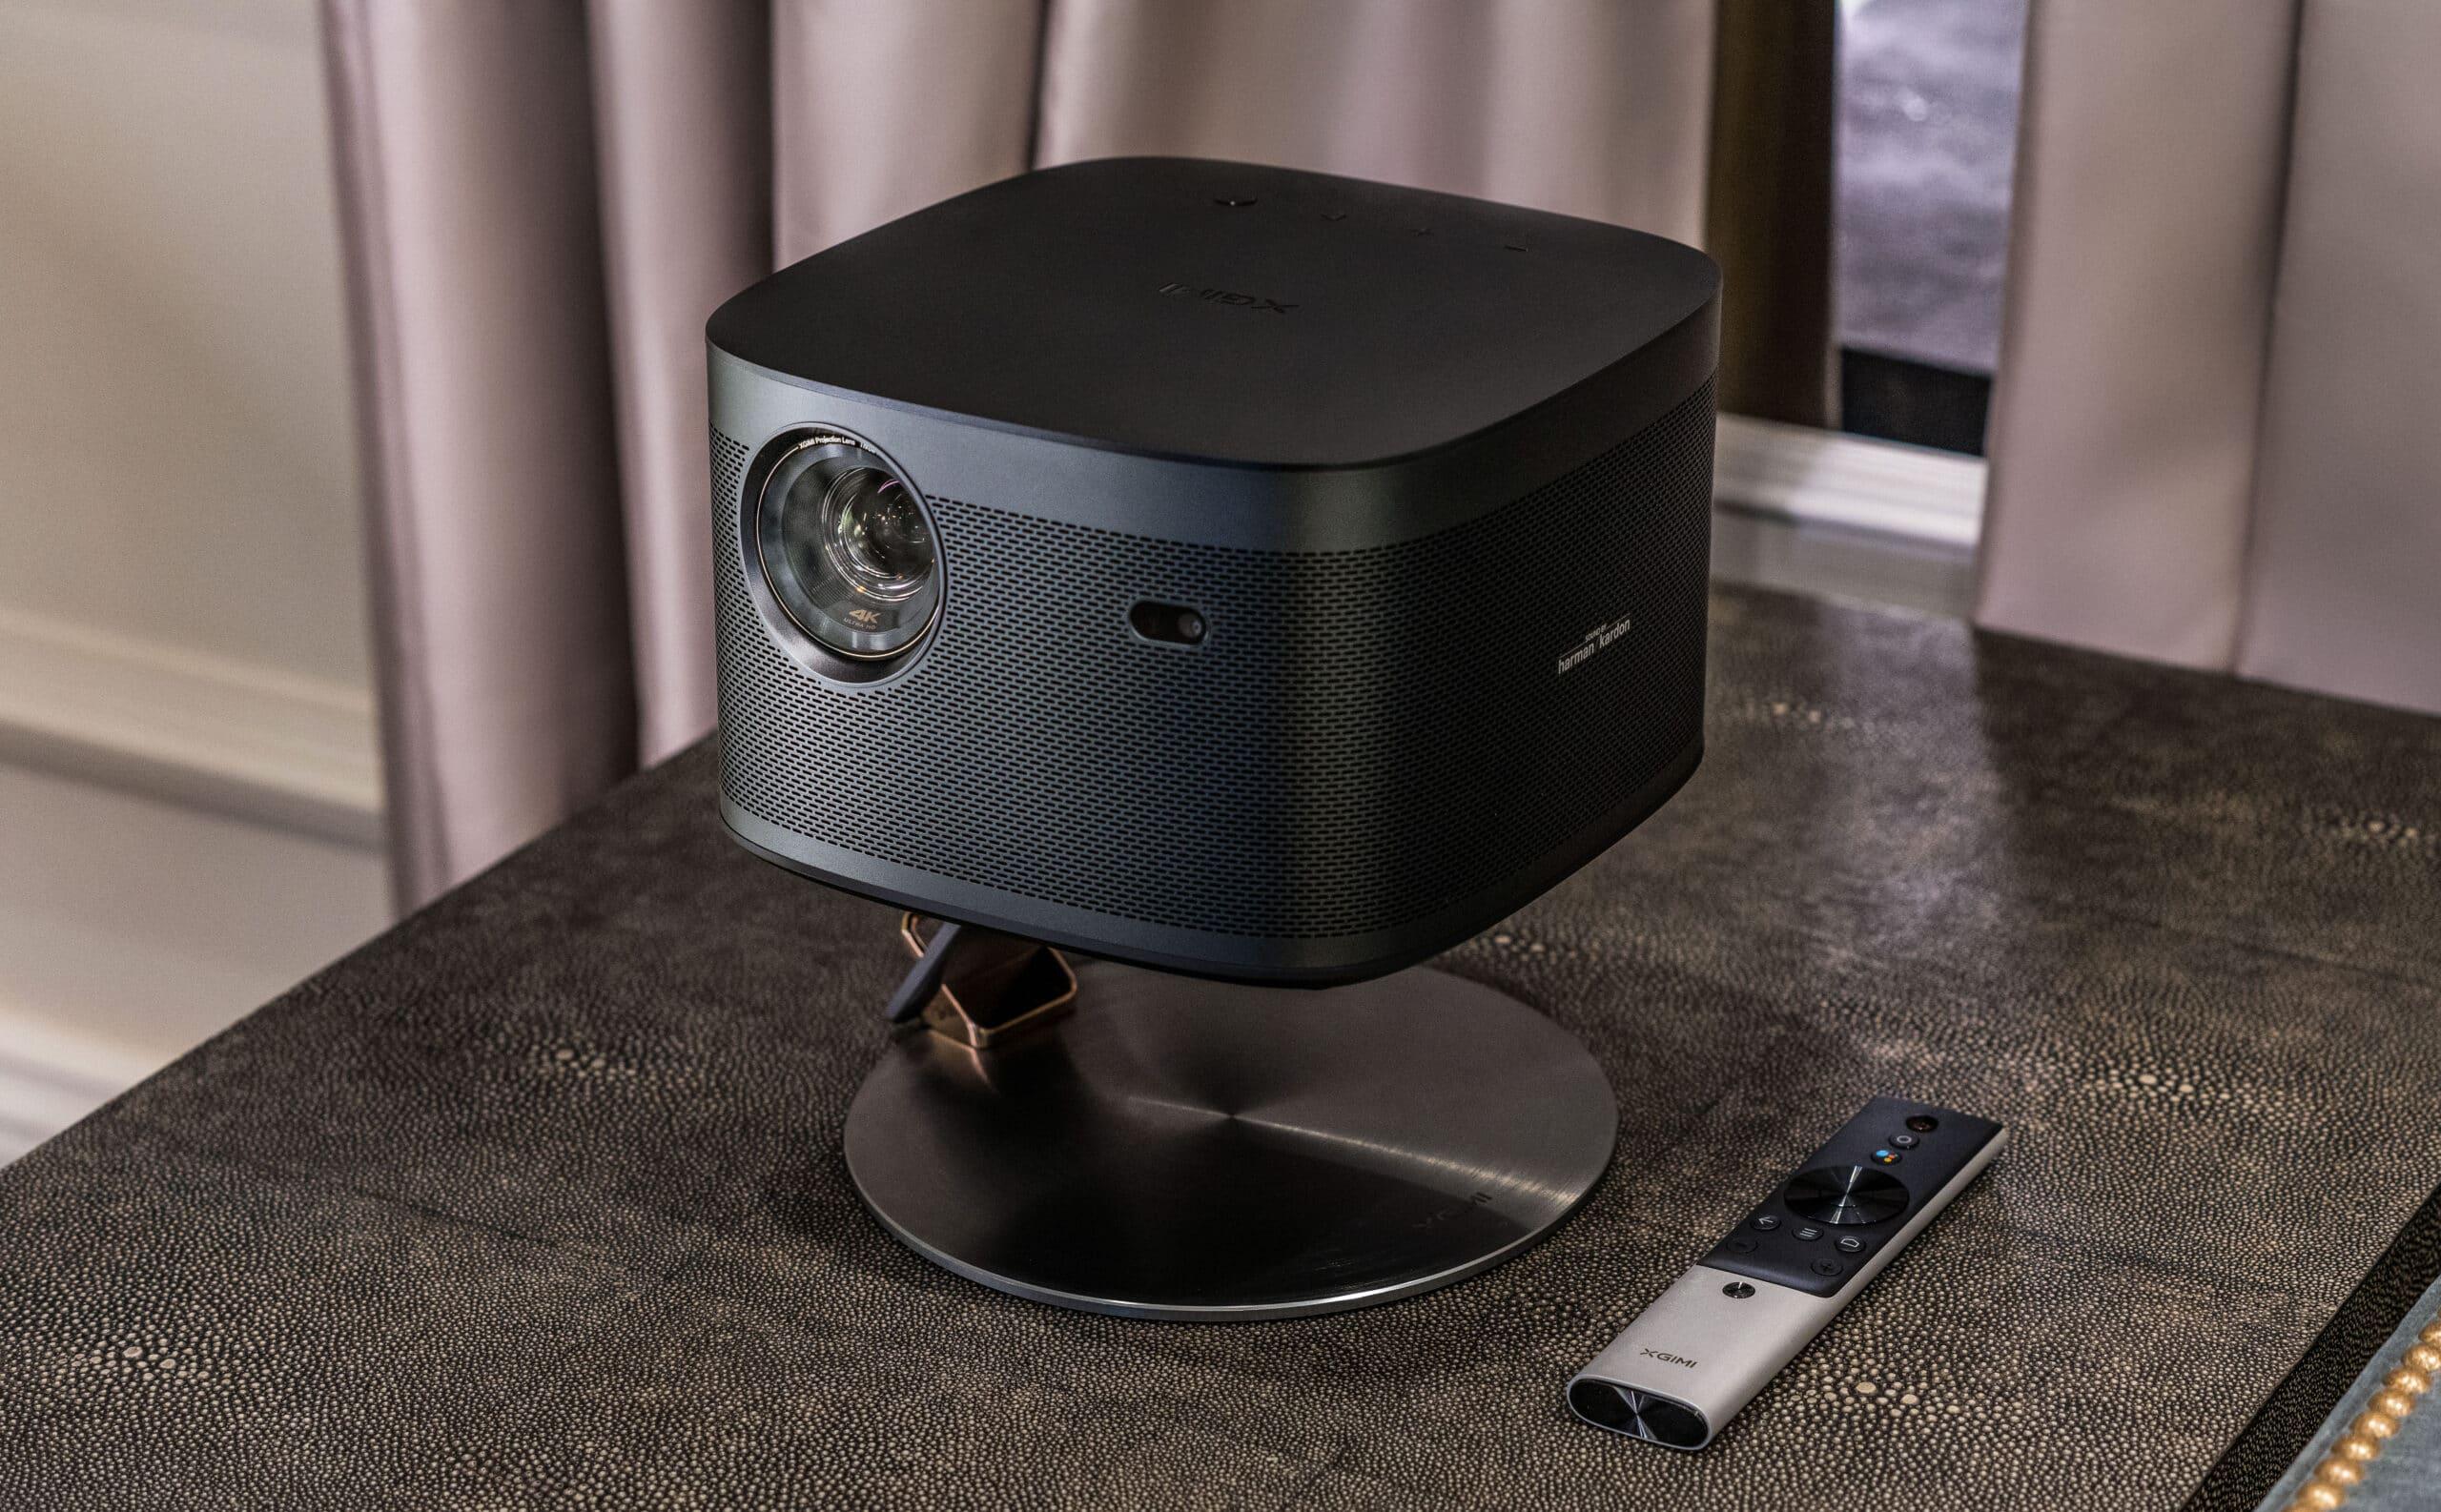 XGIMI 4K, nuovi videoproiettori per la tua casa thumbnail